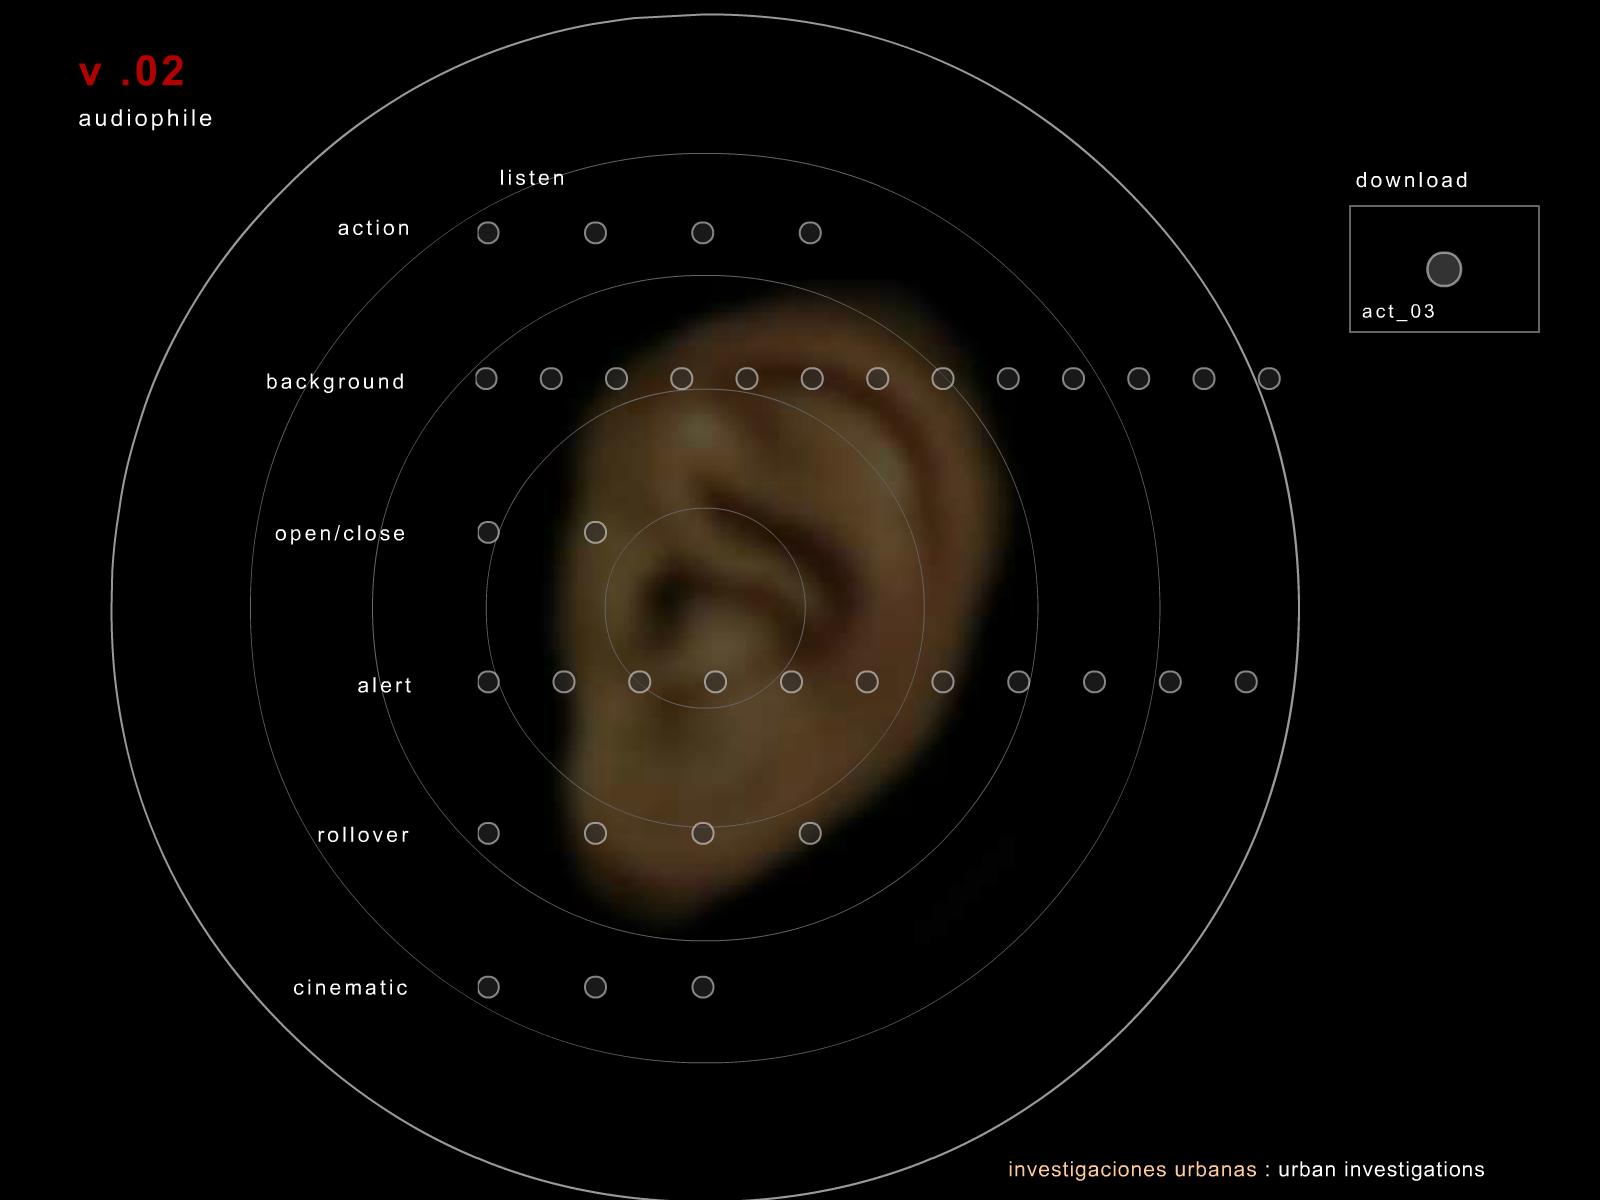 audiophile (2001)